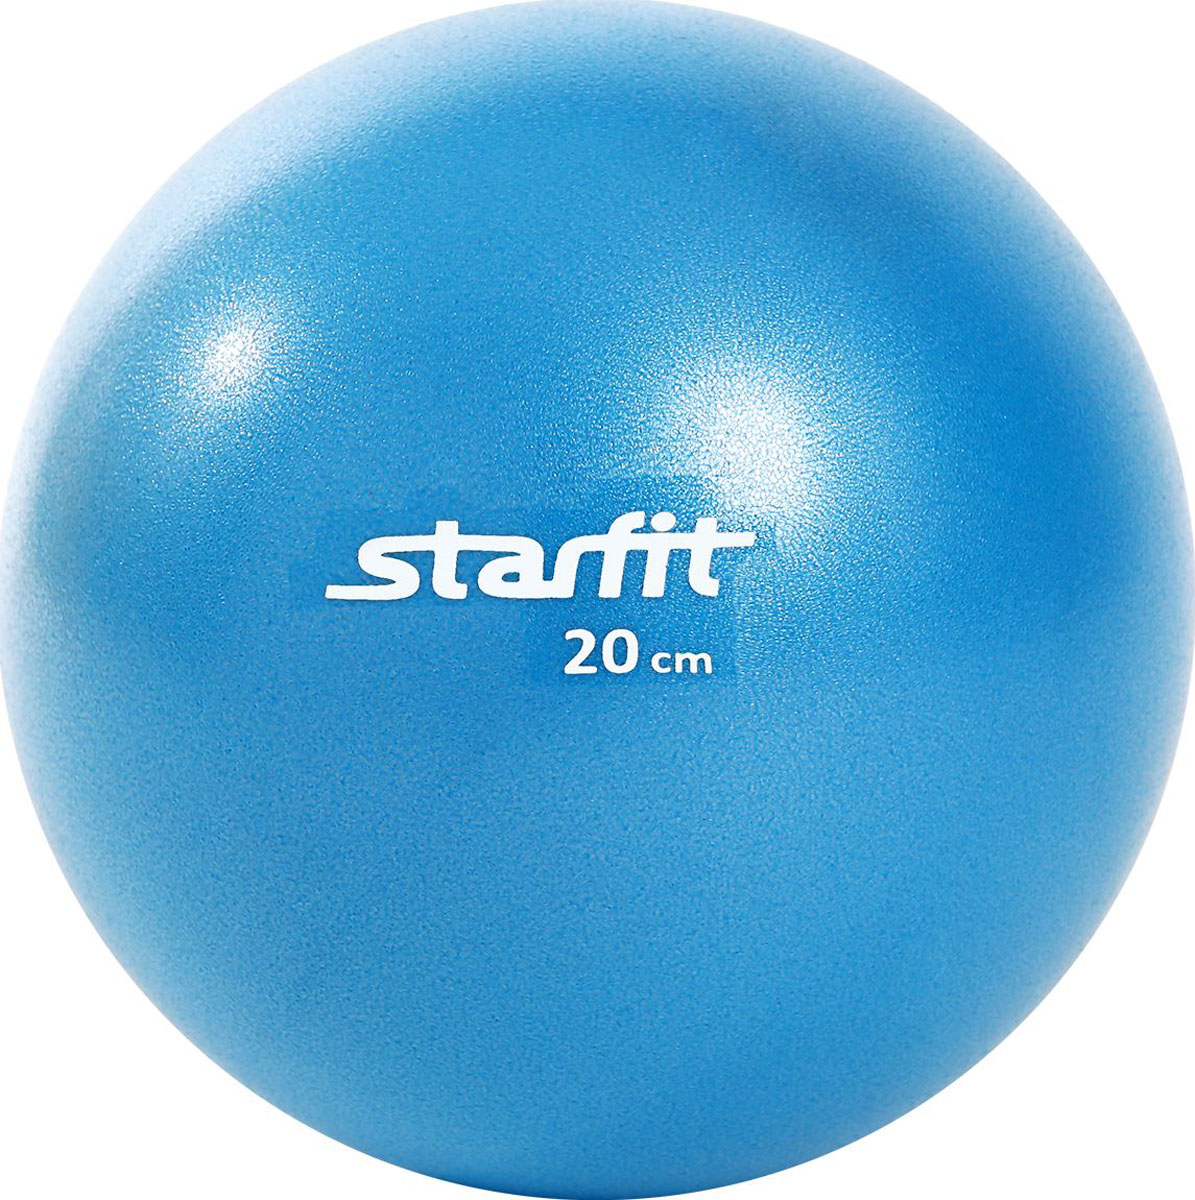 Мяч гимнастический Starfit, цвет: синий, диаметр 20 смУТ-00009007Гимнастический мяч Star Fit является универсальным тренажером для всех групп мышц, помогает развить гибкость, исправить осанку, снимает чувство усталости в спине. Предназначен для гимнастических и медицинских целей в лечебных упражнениях. Прекрасно подходит для использования в домашних условиях. Данный мяч можно использовать для реабилитации после травм и операций, восстановления после перенесенного инсульта, стимуляции и релаксации мышечных тканей, улучшения кровообращения, лечении и профилактики сколиоза, при заболеваниях или повреждениях опорно-двигательного аппарата.